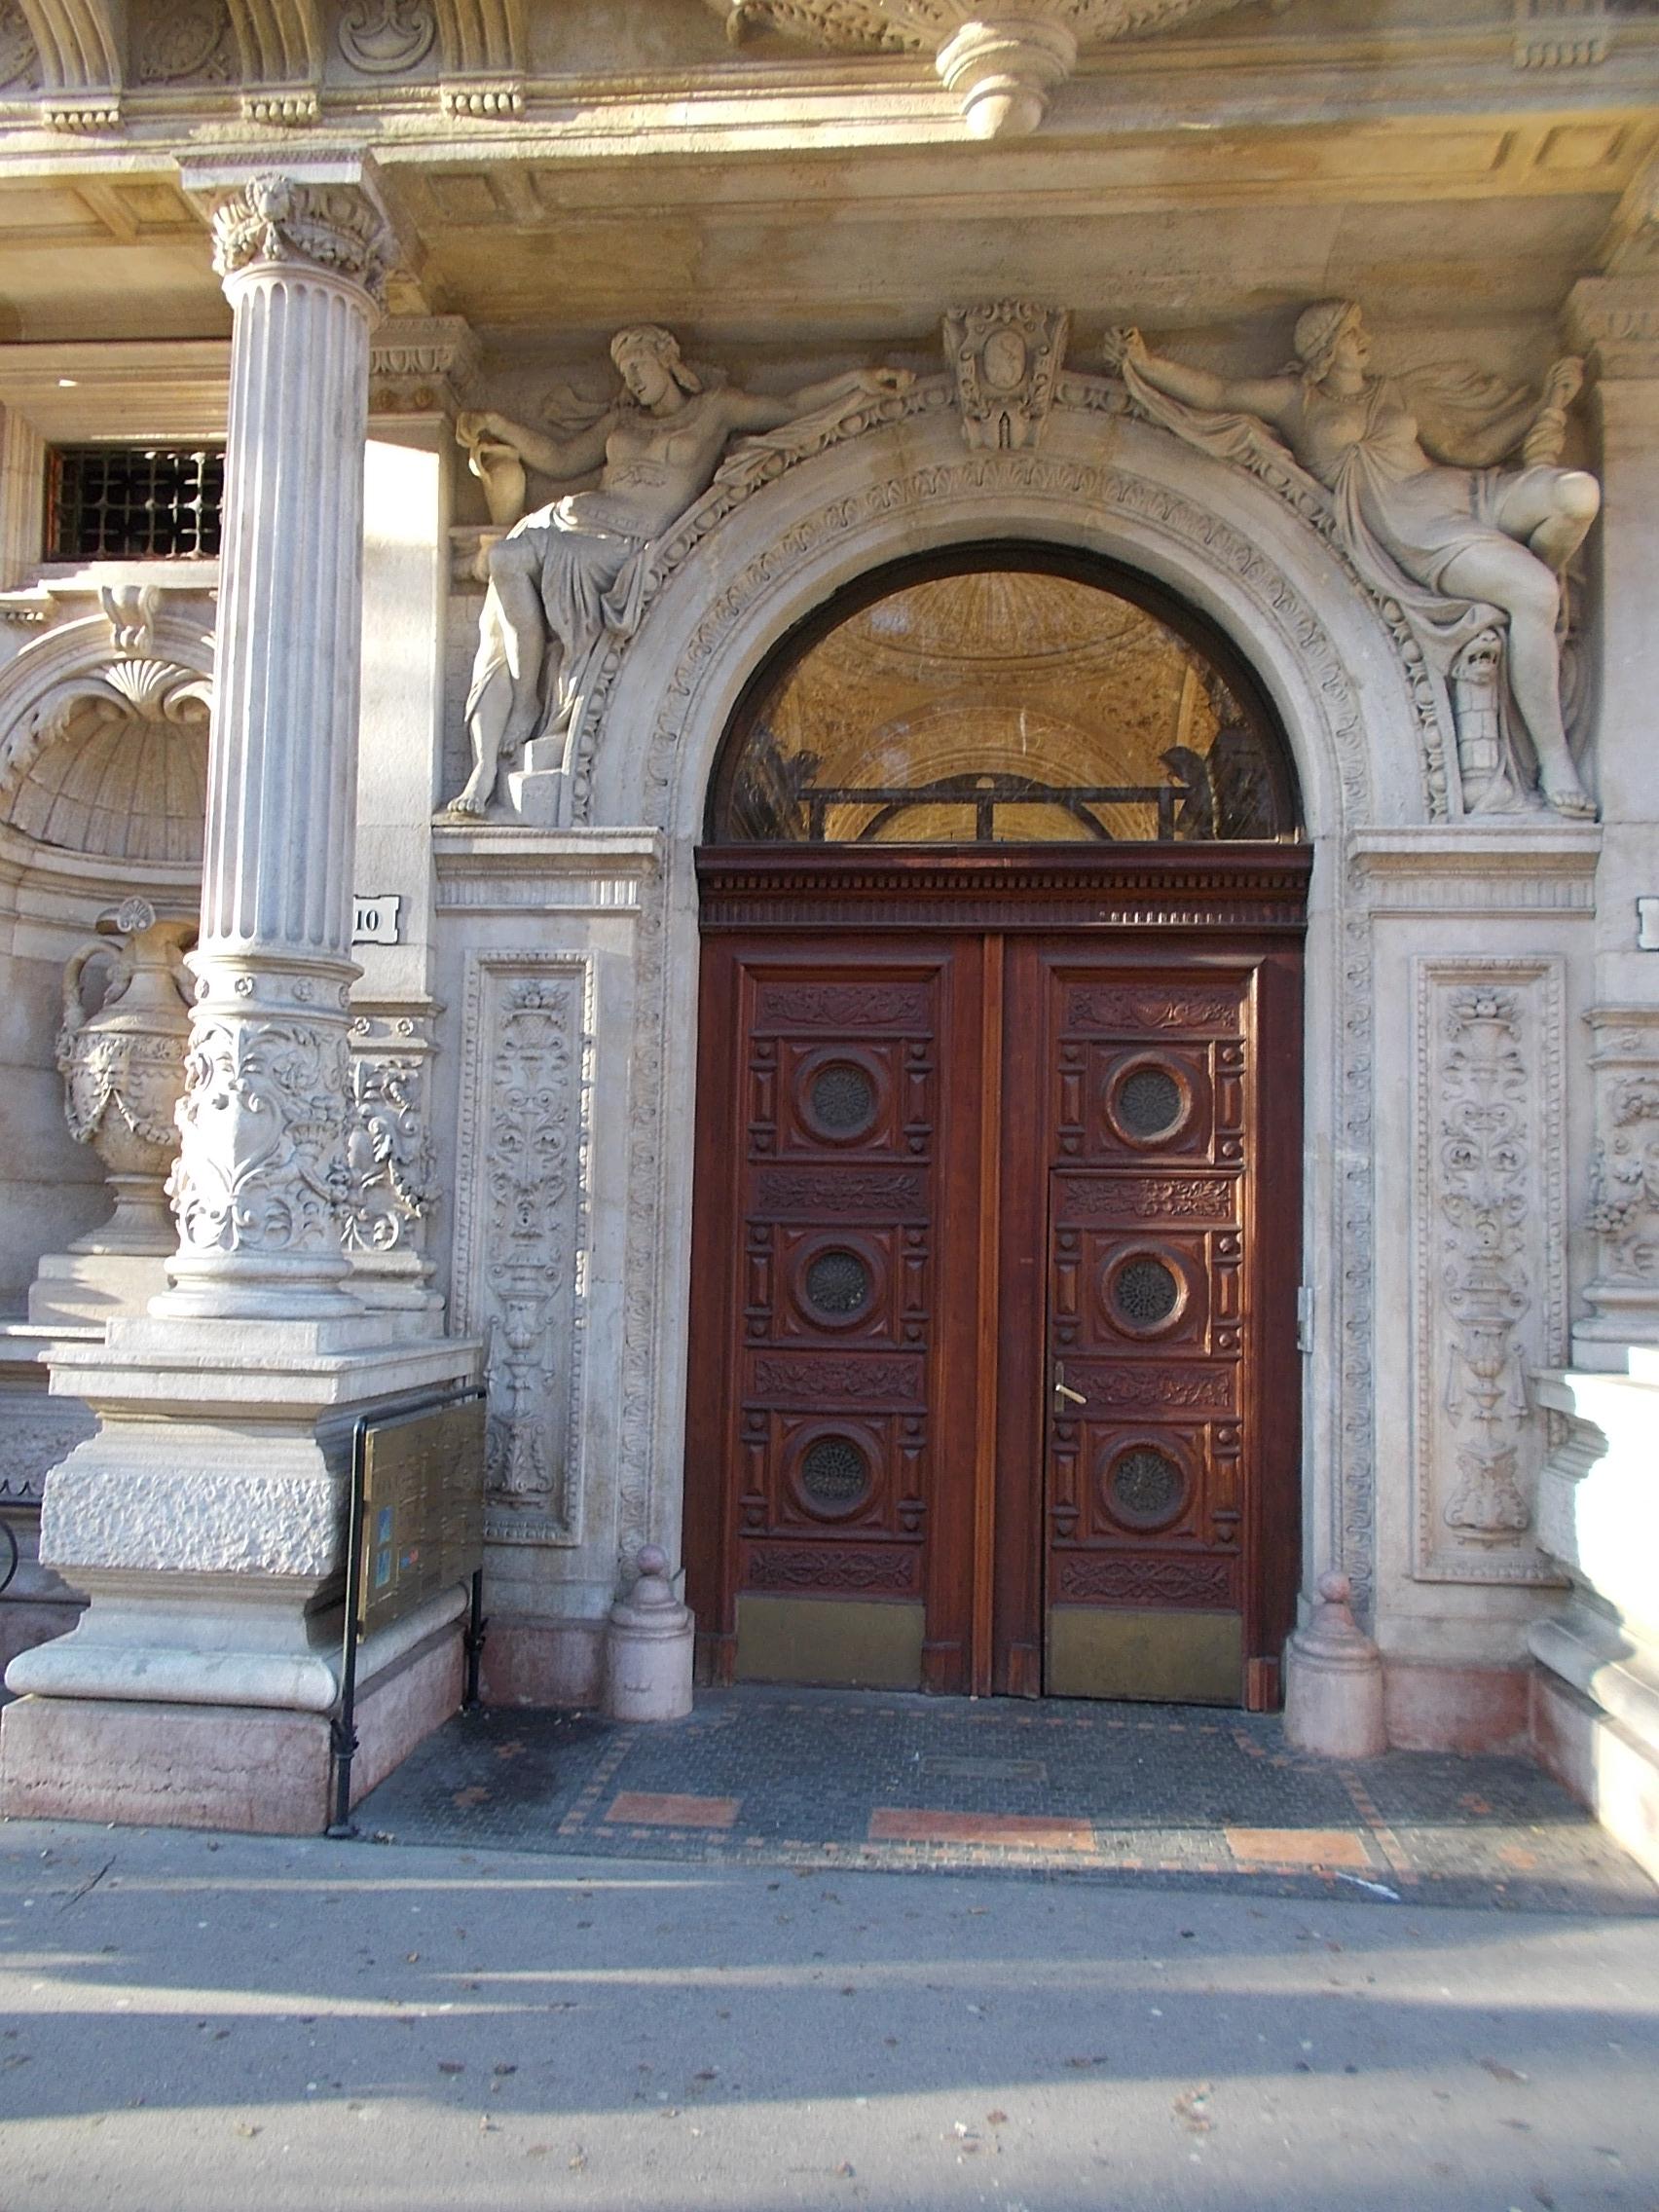 file:eclectic house portal (adolf feszty, 1884), 10 andrássy